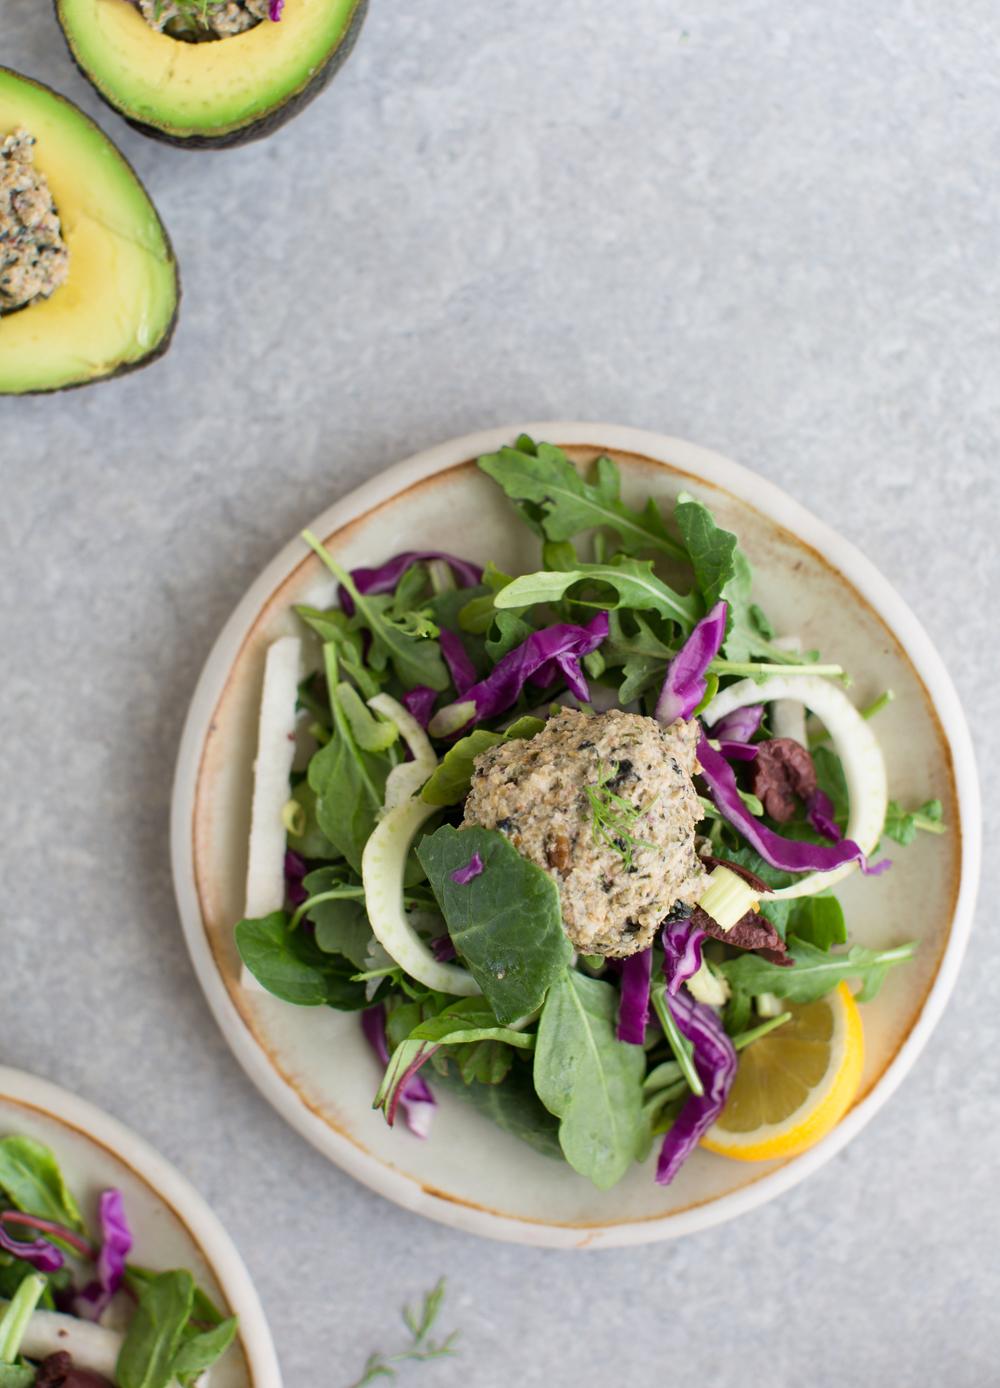 7-BestFoods-Tuna-Salad | 8thandlake.com